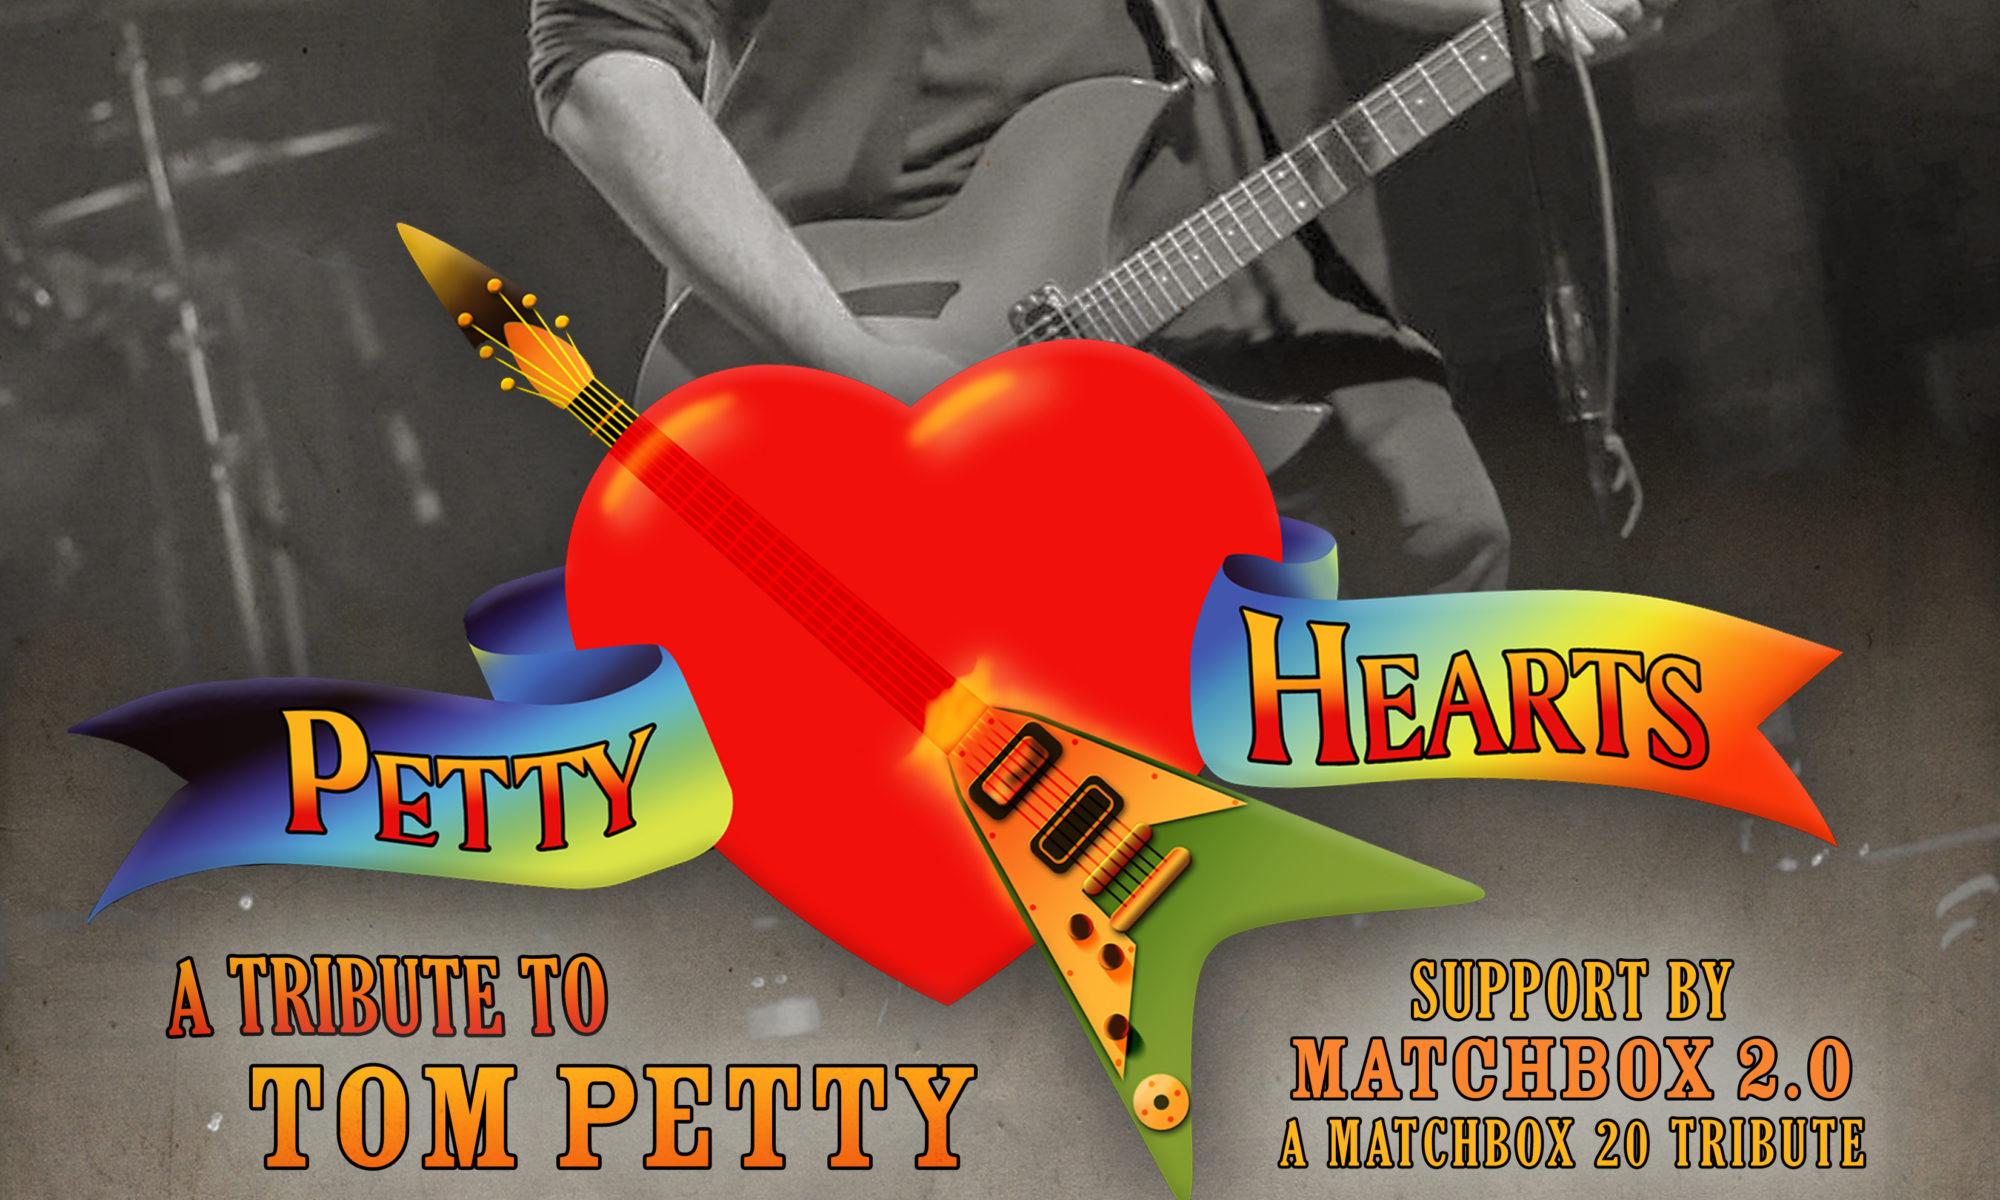 Petty Hearts